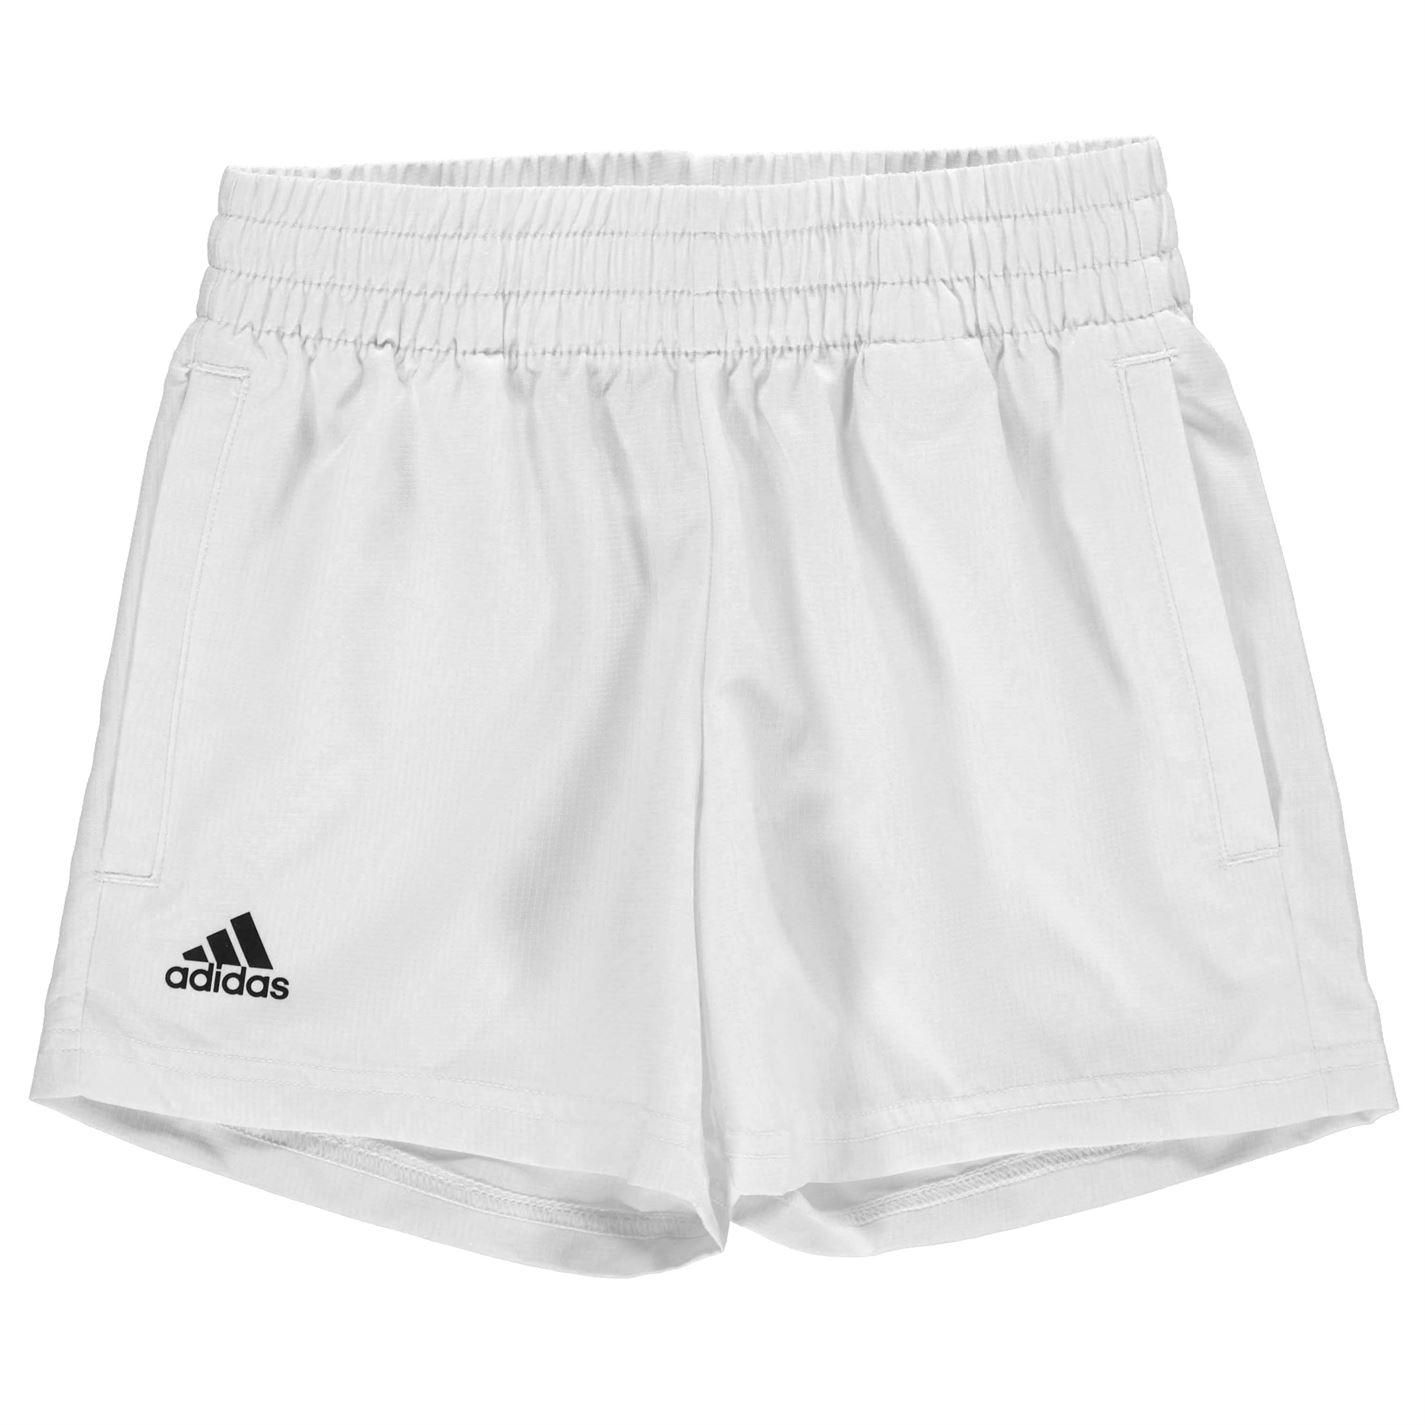 Adidas Club Shorts Junior Boys